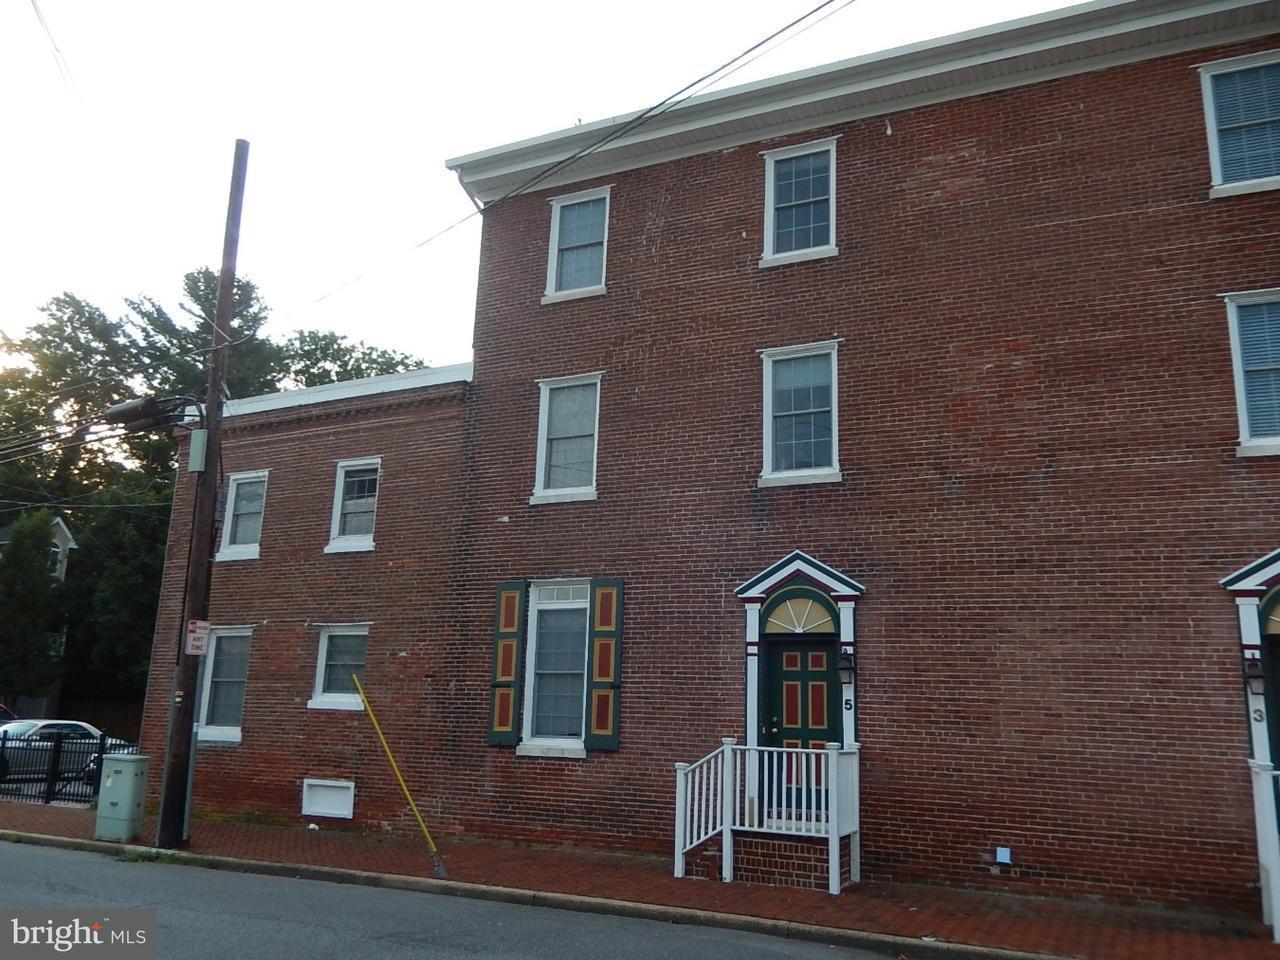 共管式独立产权公寓 为 销售 在 5 E MOUNT VERNON Street Smyrna, 特拉华州 19977 美国